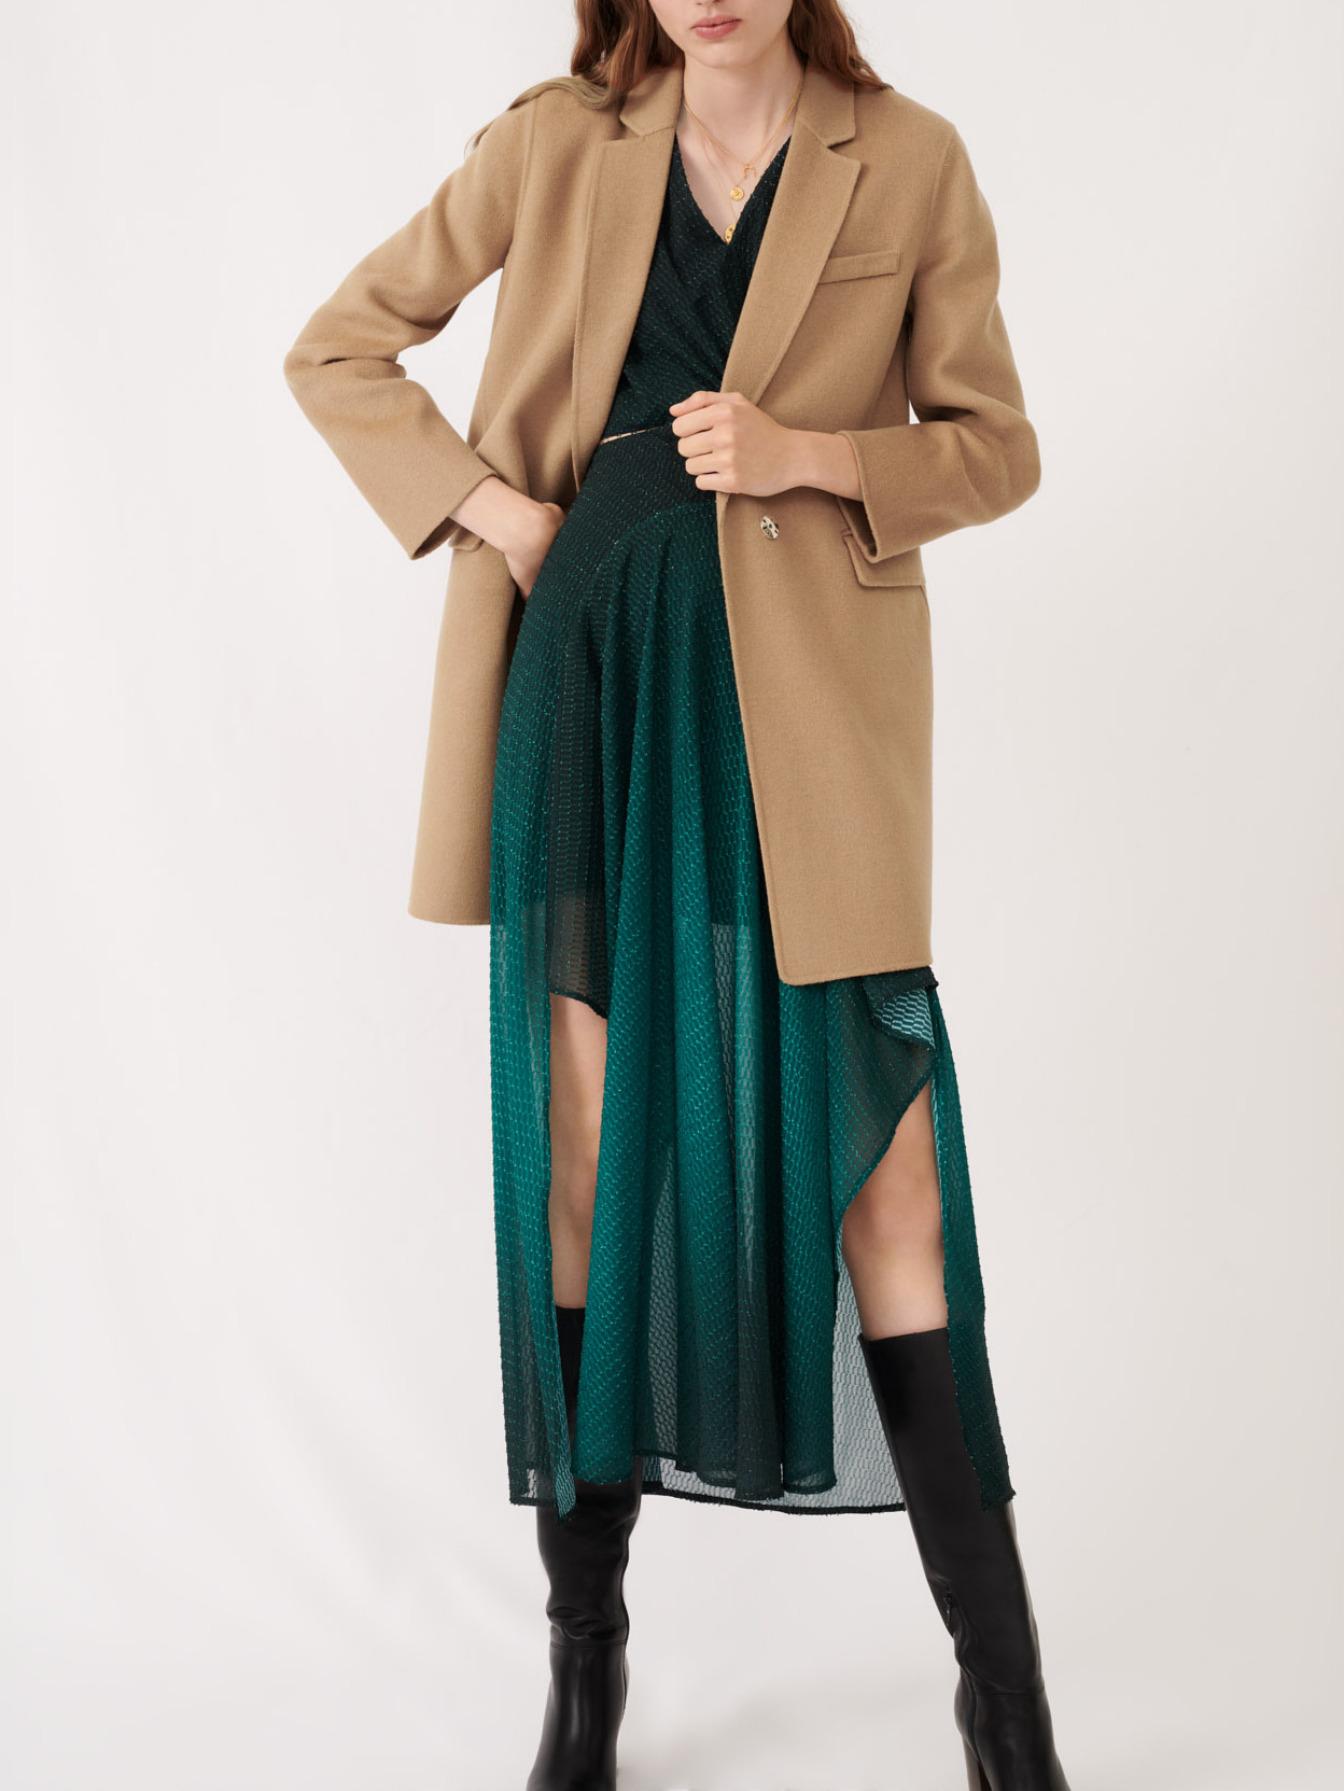 Maje Jacket-style double sided camel coat